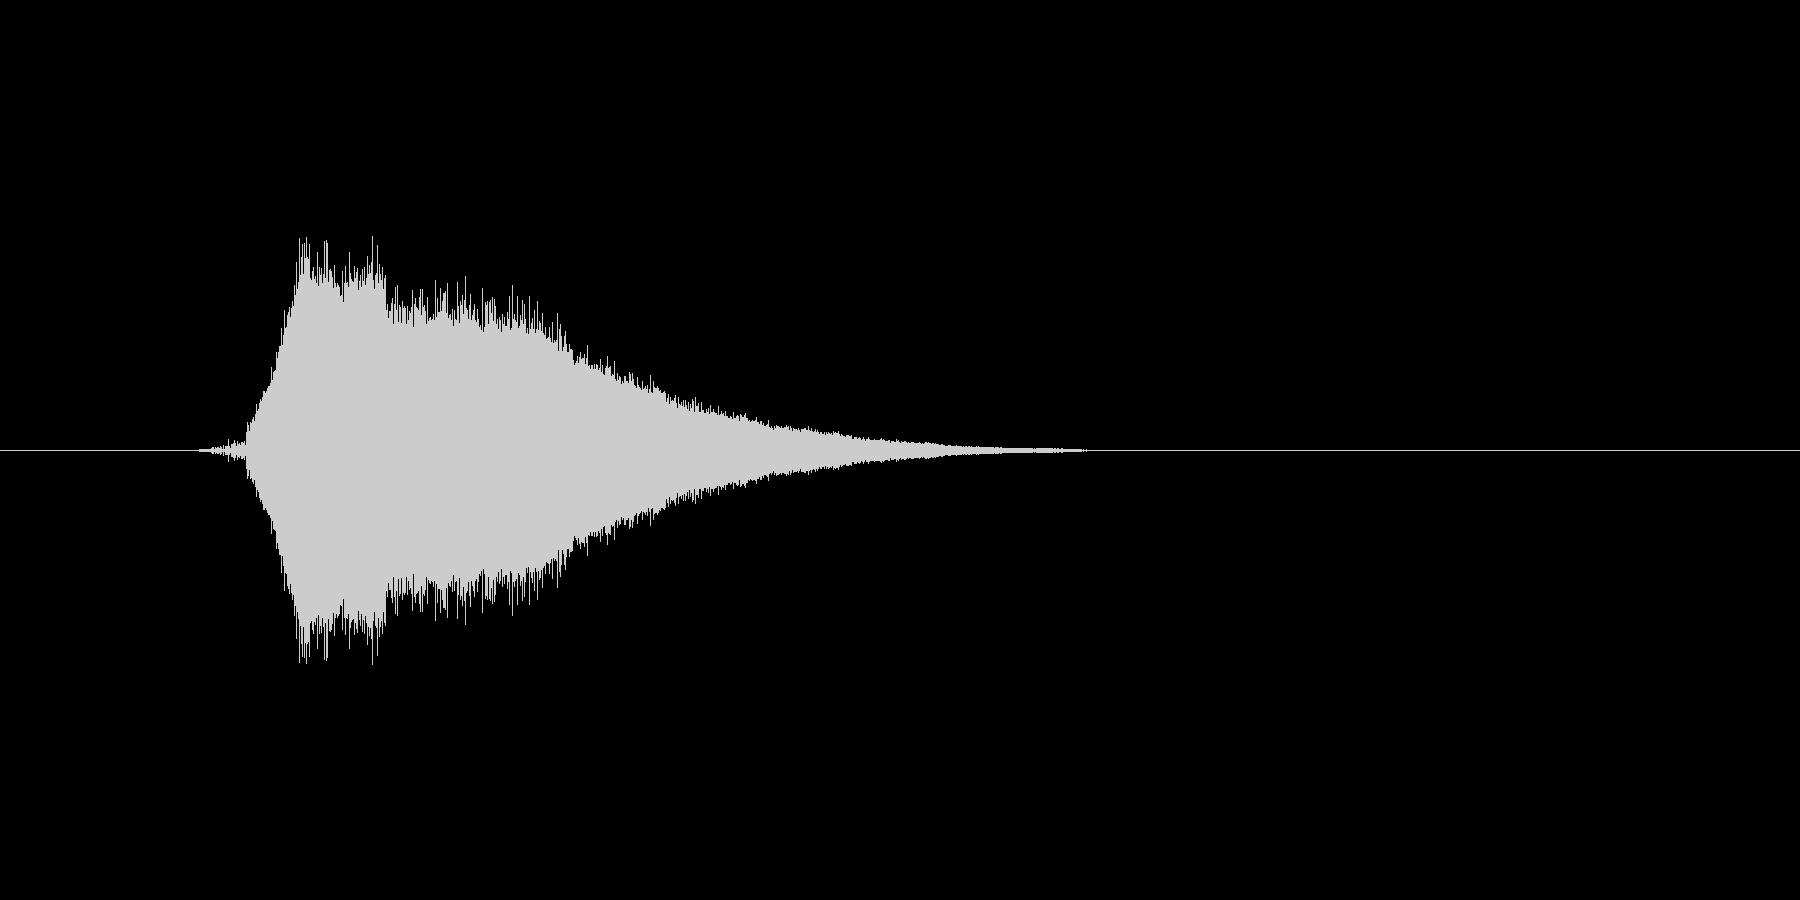 ファミコン風効果音カーソル系です 01の未再生の波形